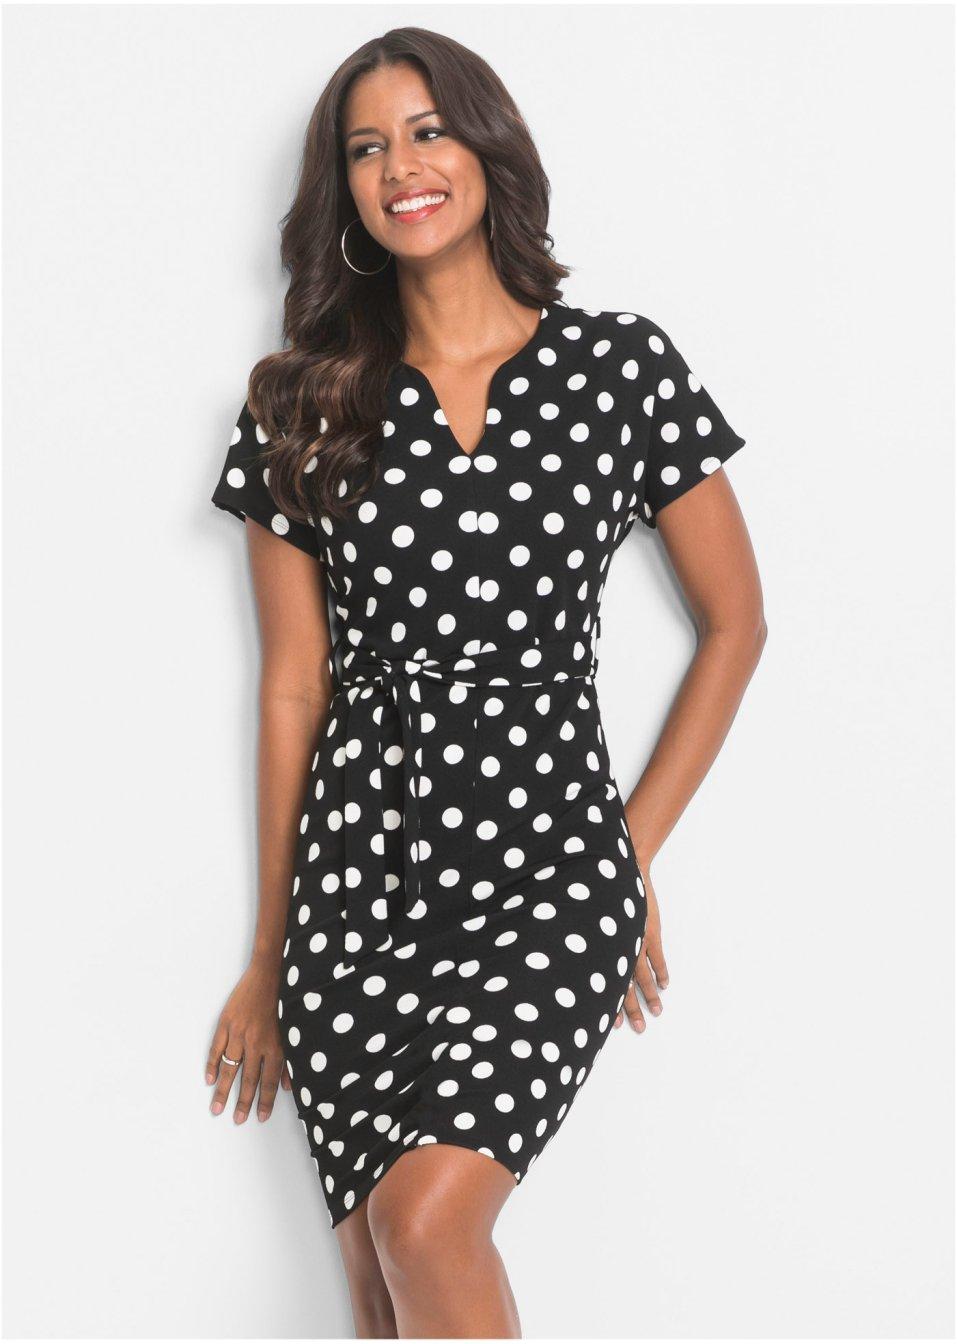 Kleid mit Punkten schwarz/weiß gepunktet - Damen ...